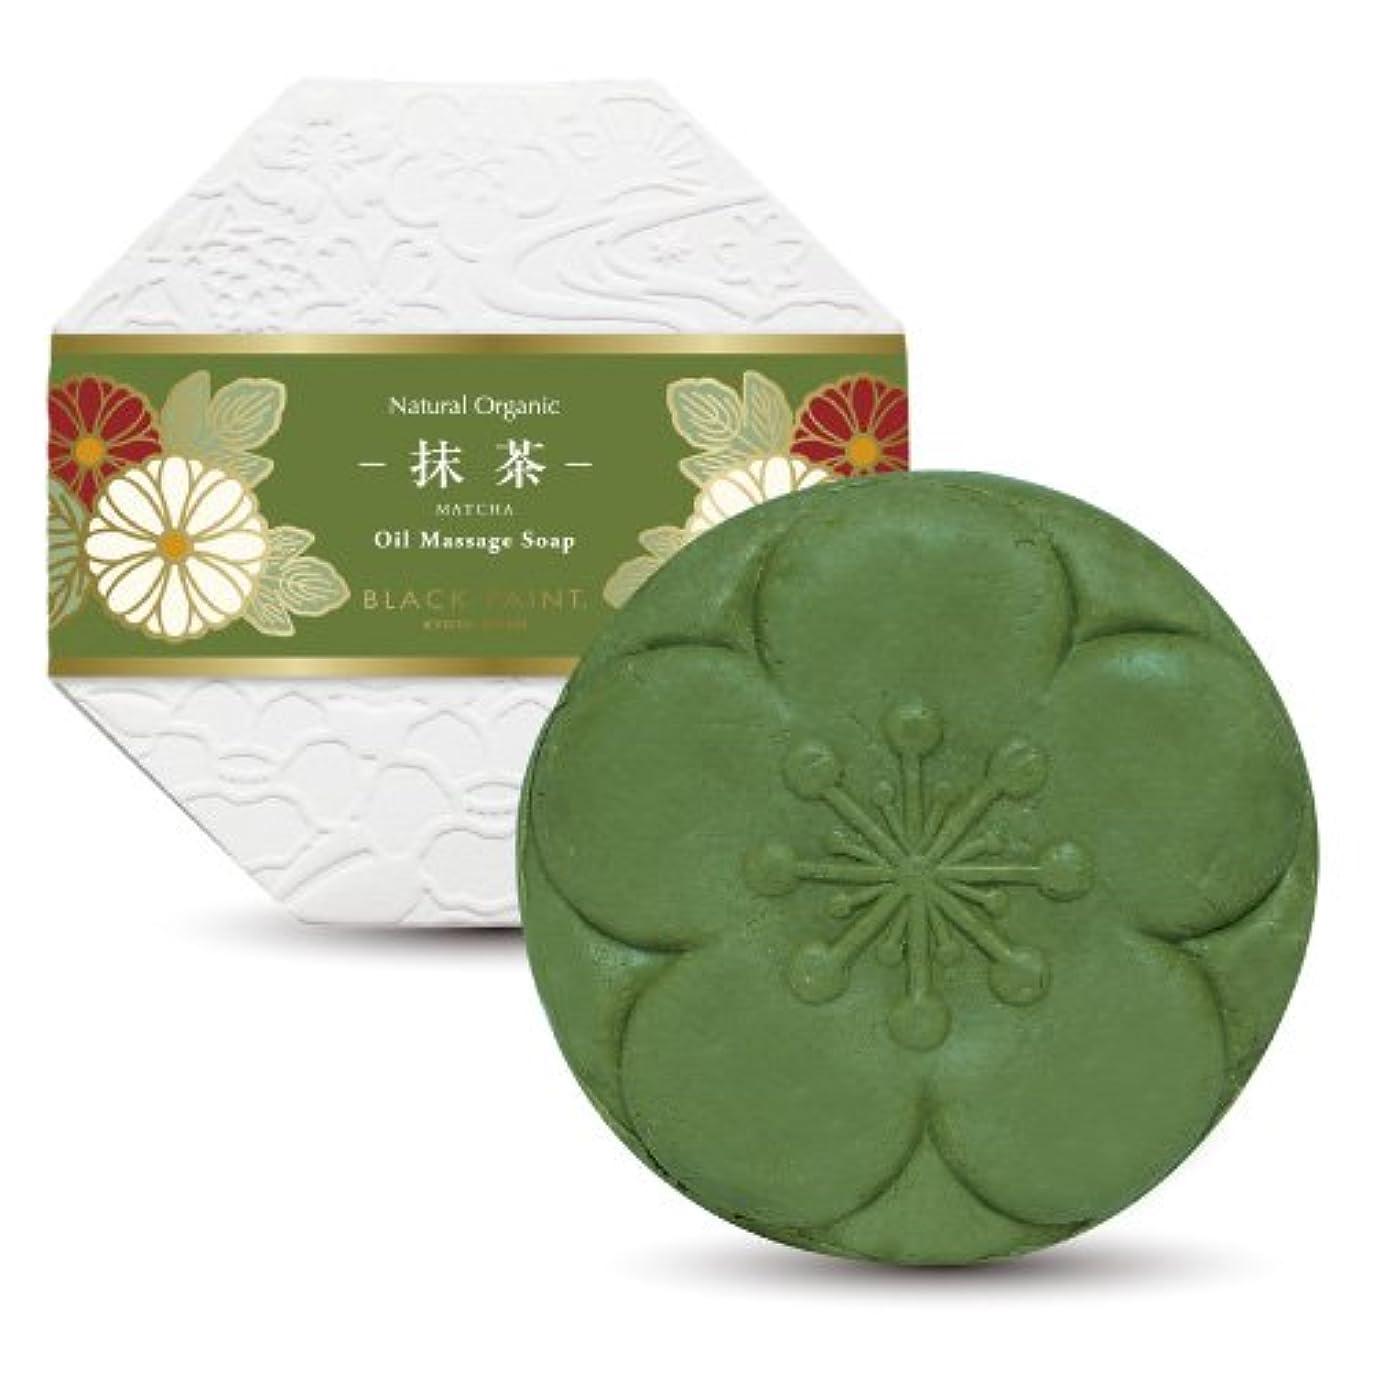 疲れた心理的うんざり京のお茶石鹸 抹茶 120g 塗る石鹸